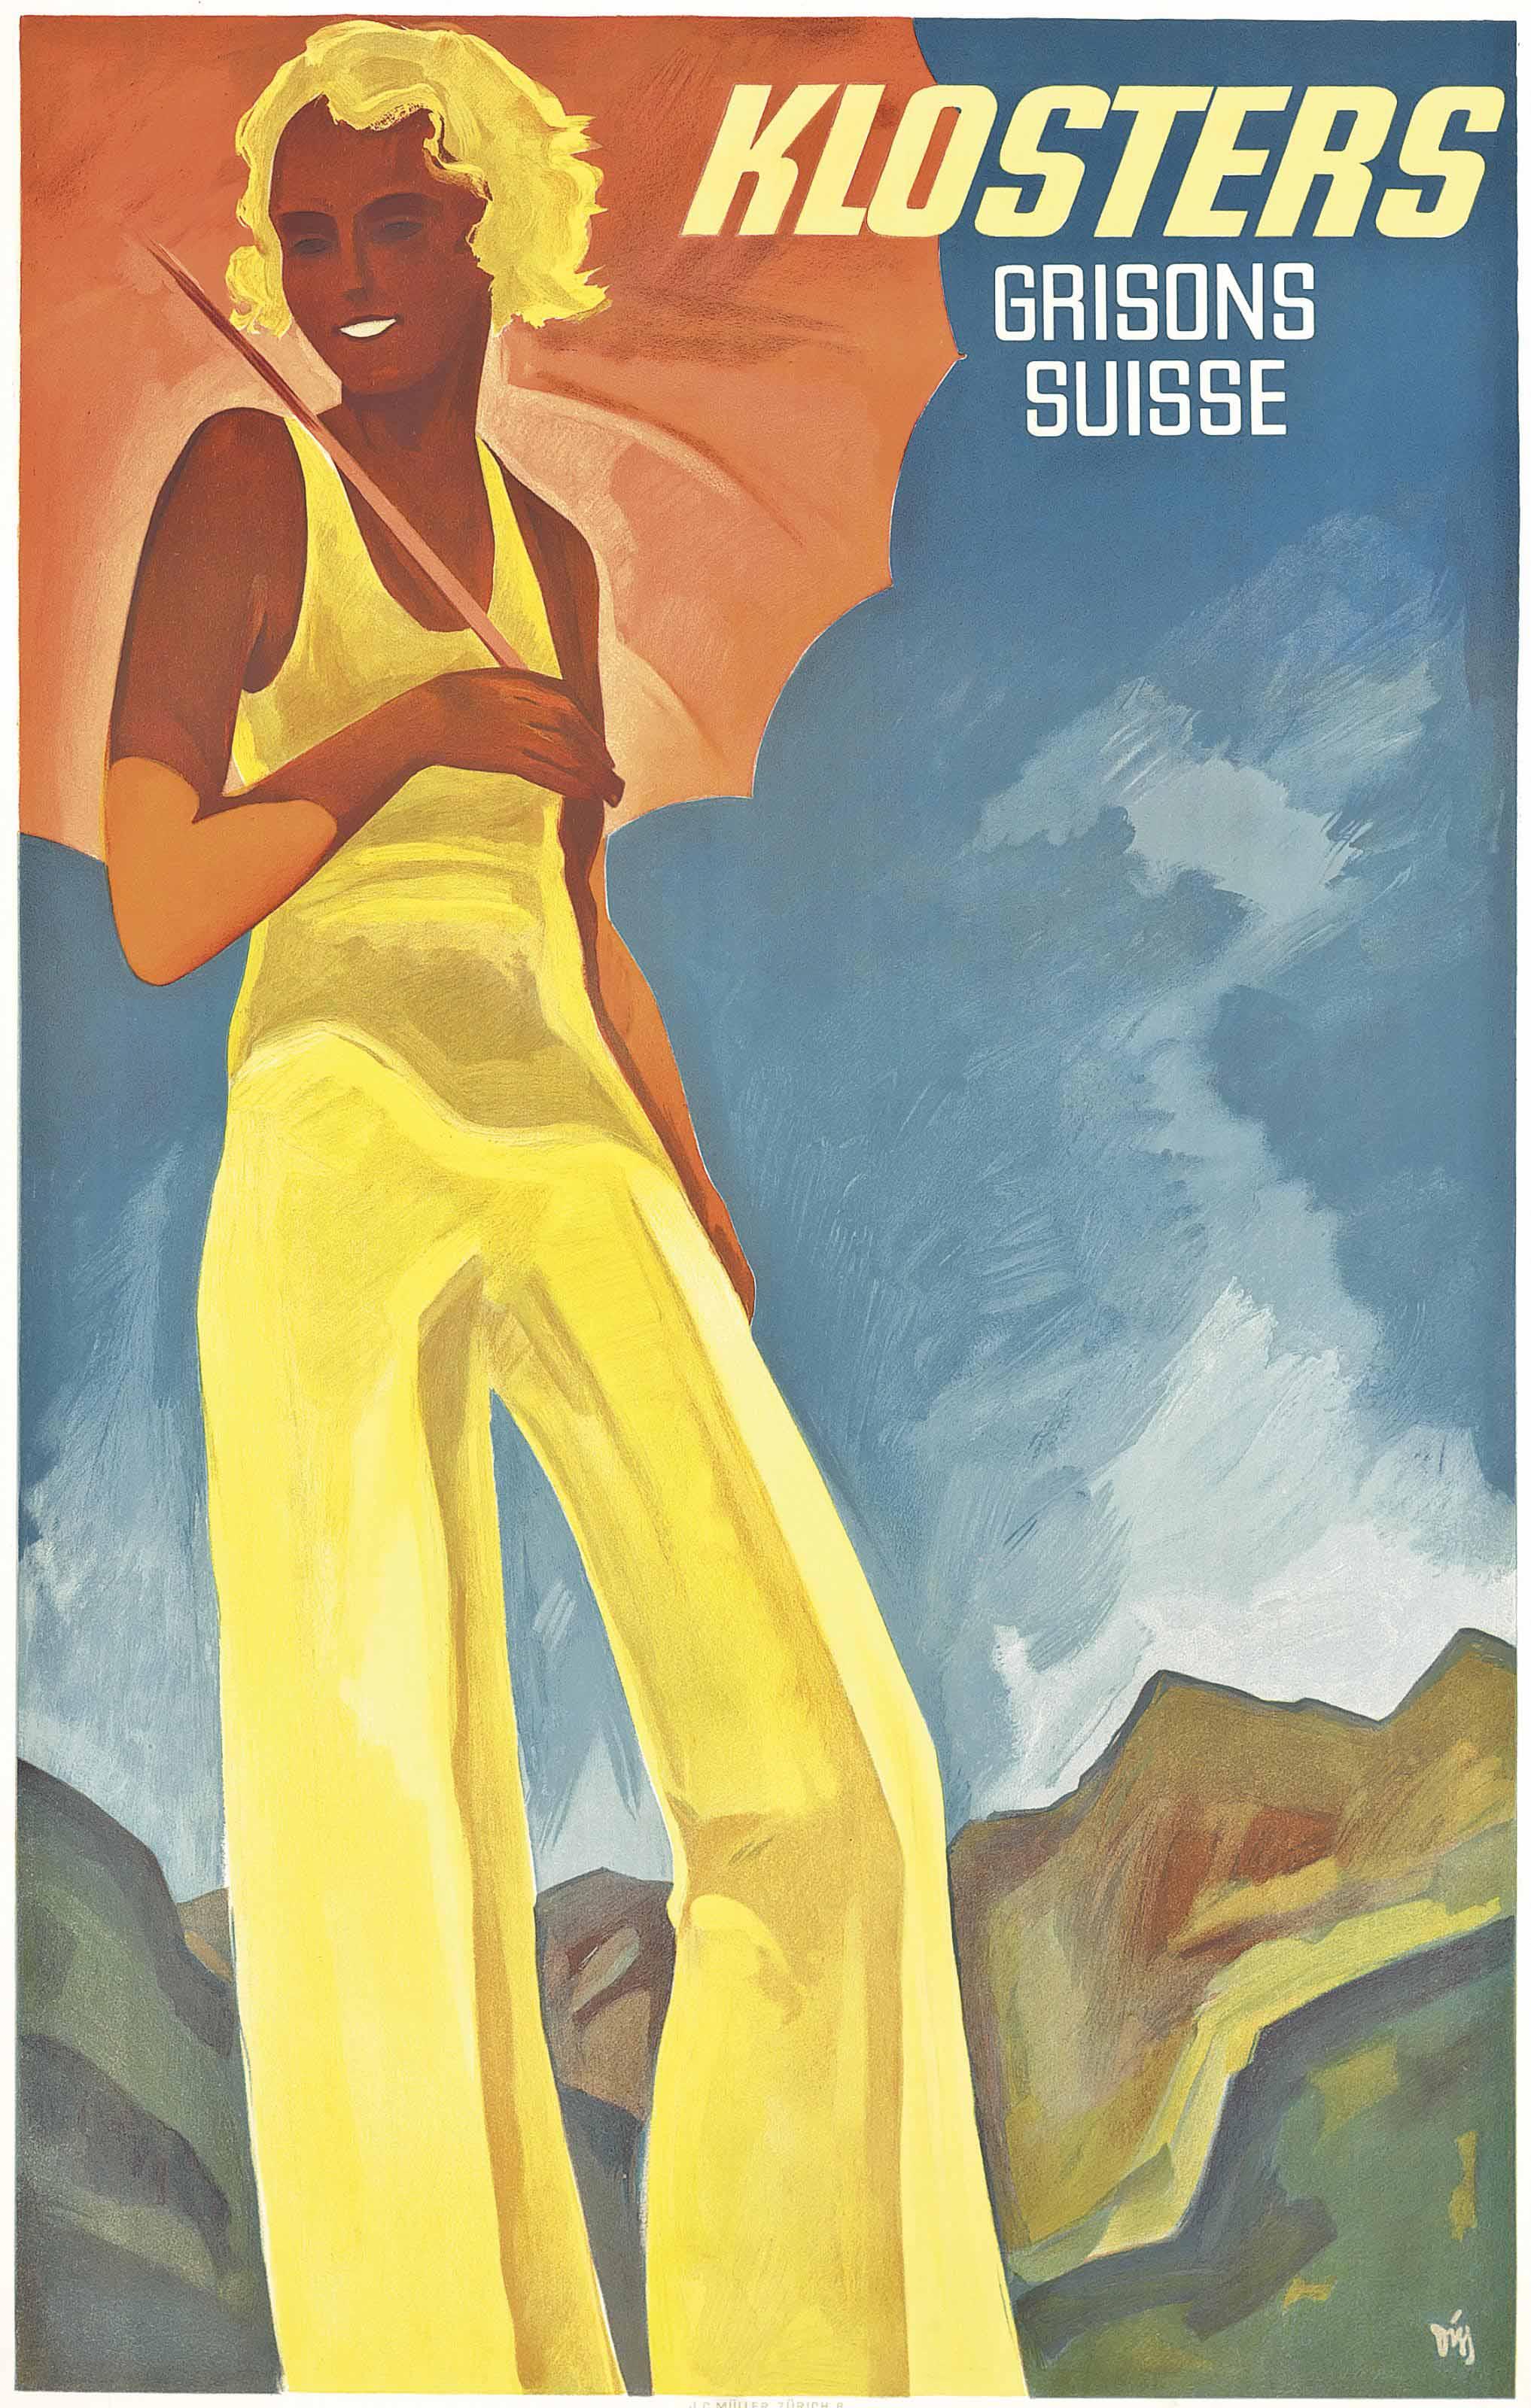 Alex Walter Diggelmann (1902-1